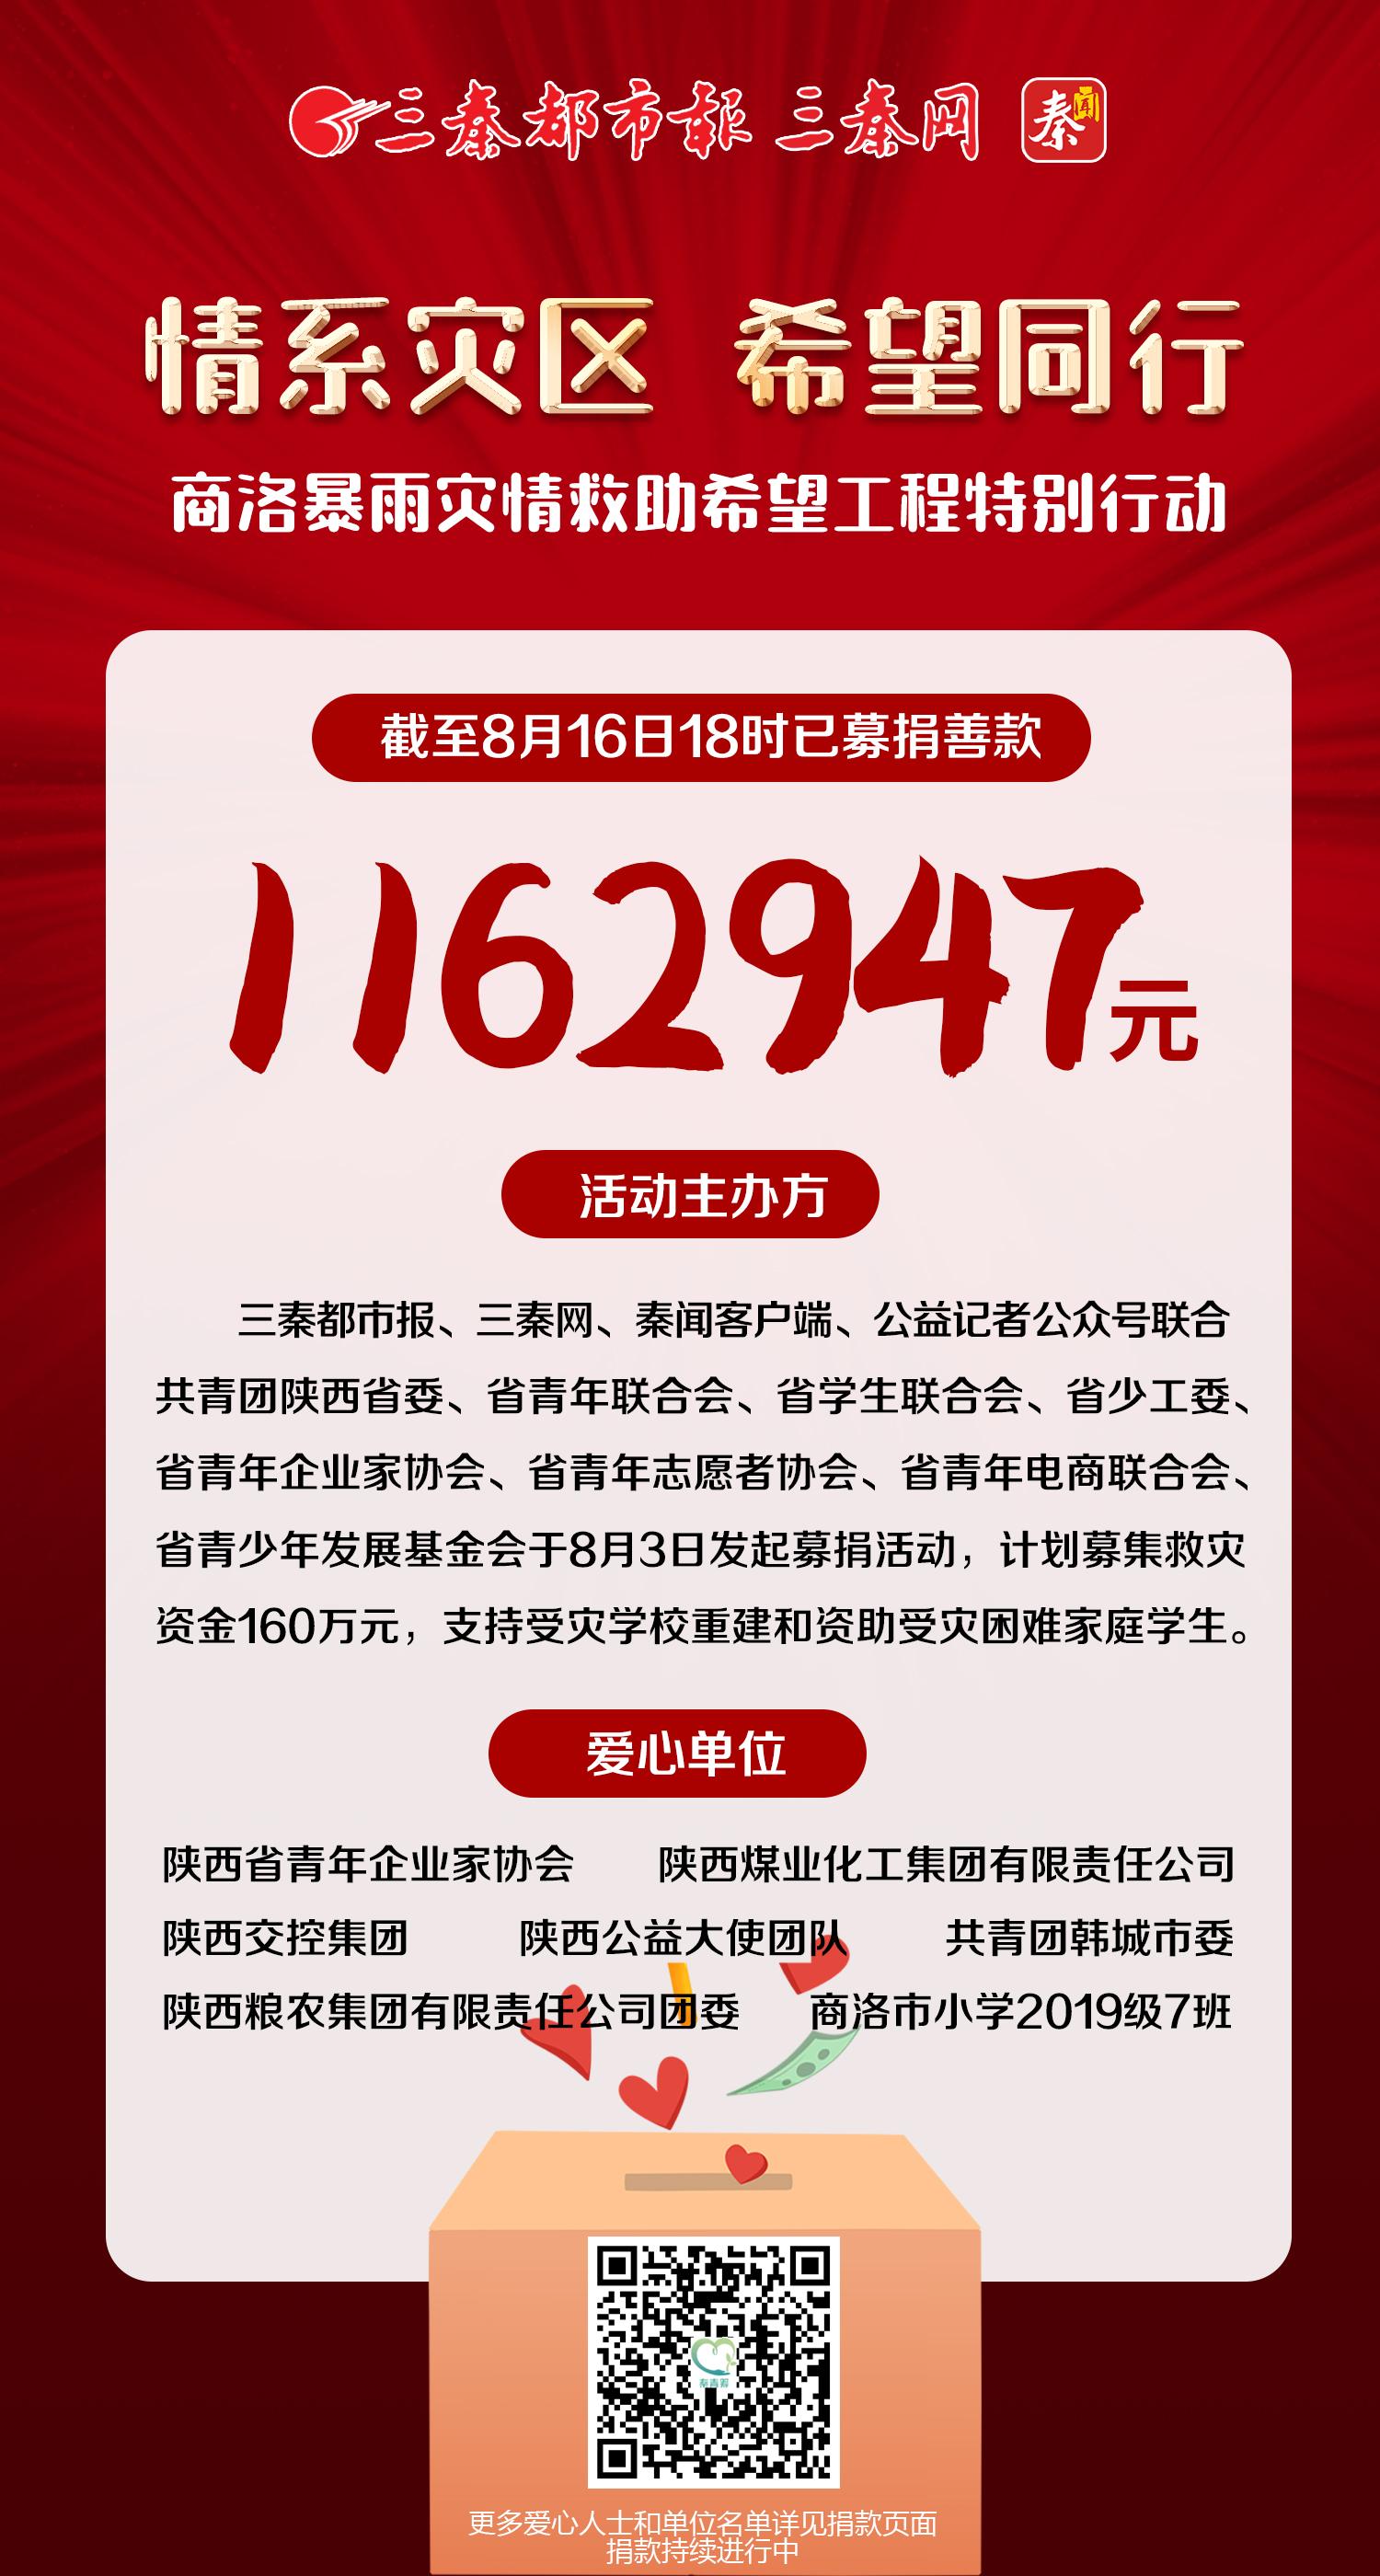 商洛暴雨灾情救助希望工程特别行动目前已募捐善款1162947元